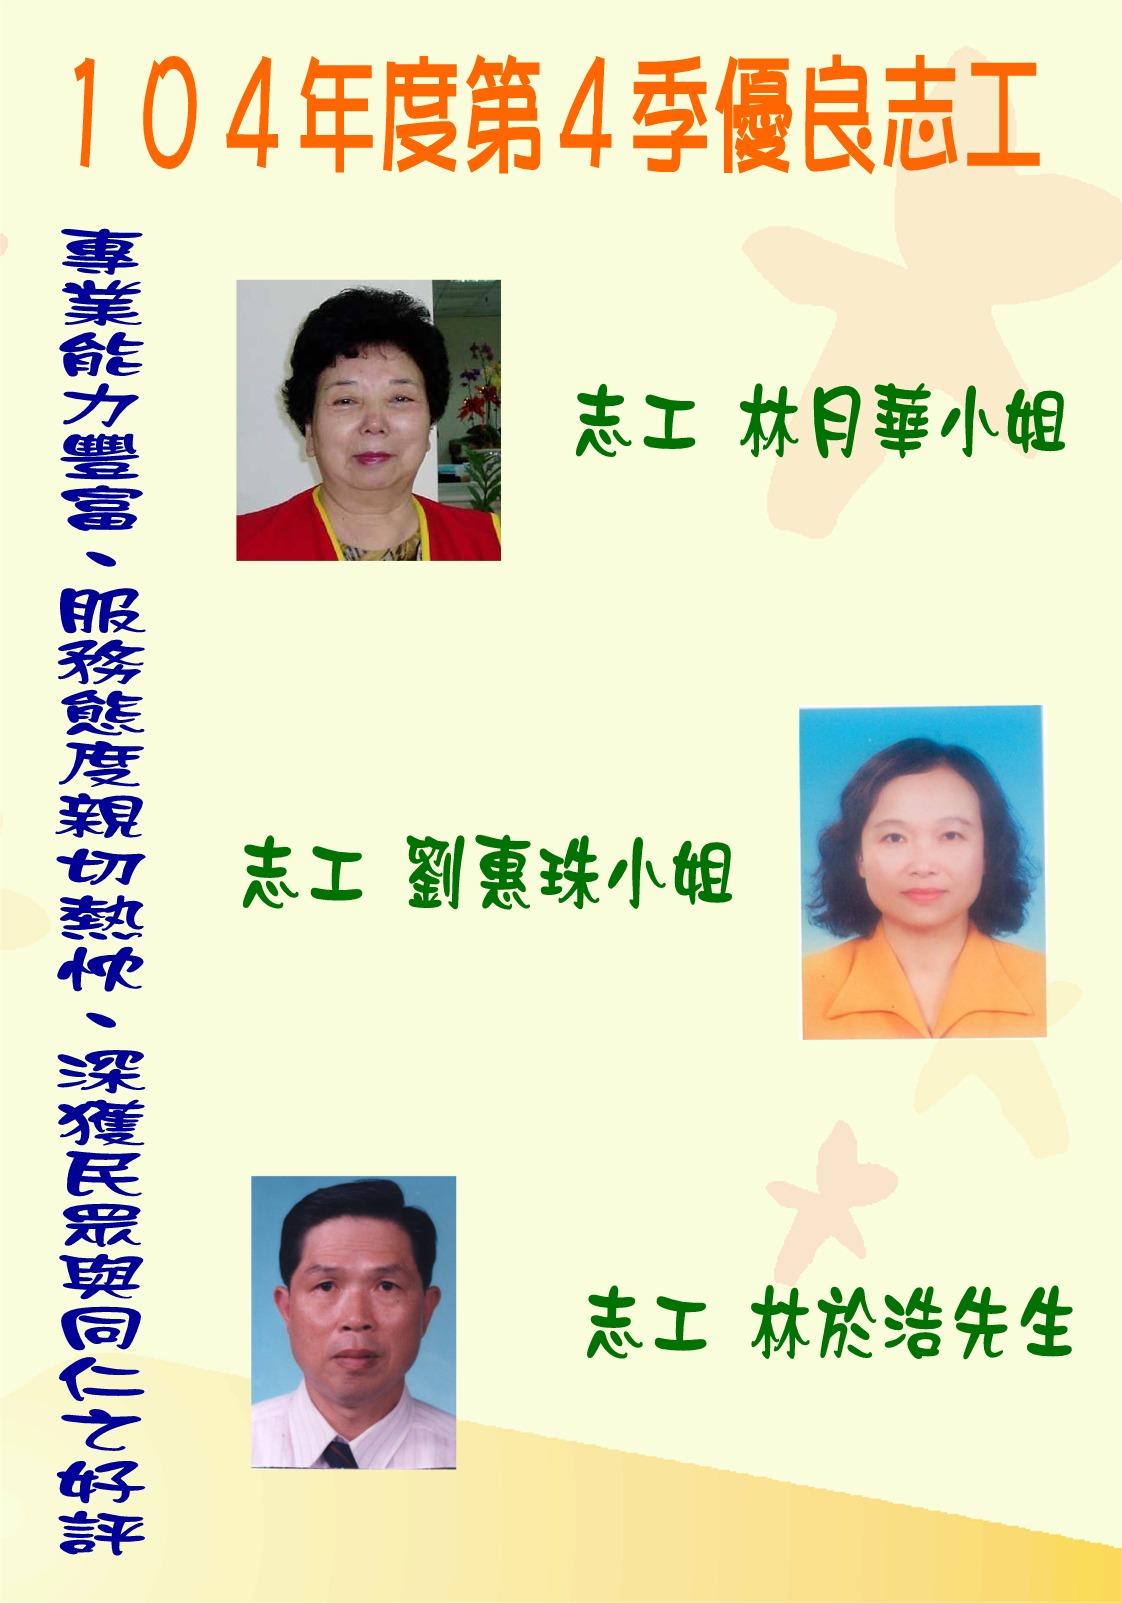 104年第4季志工績優人員─林月華小姐、劉惠珠小姐、林於浩先生